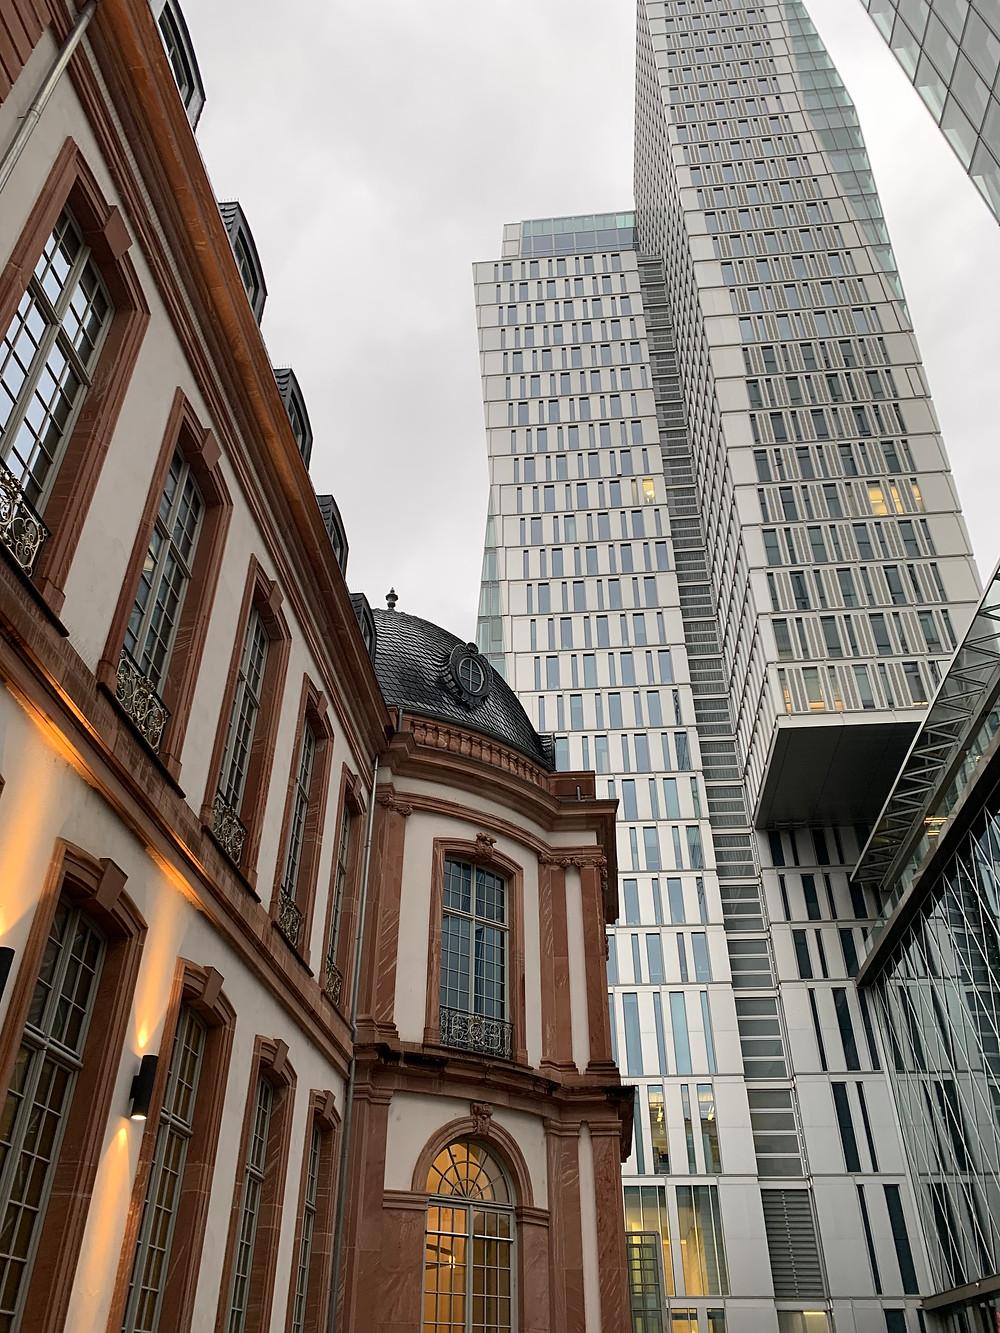 El Distrito Financiero en Frankfurt, Alemania.